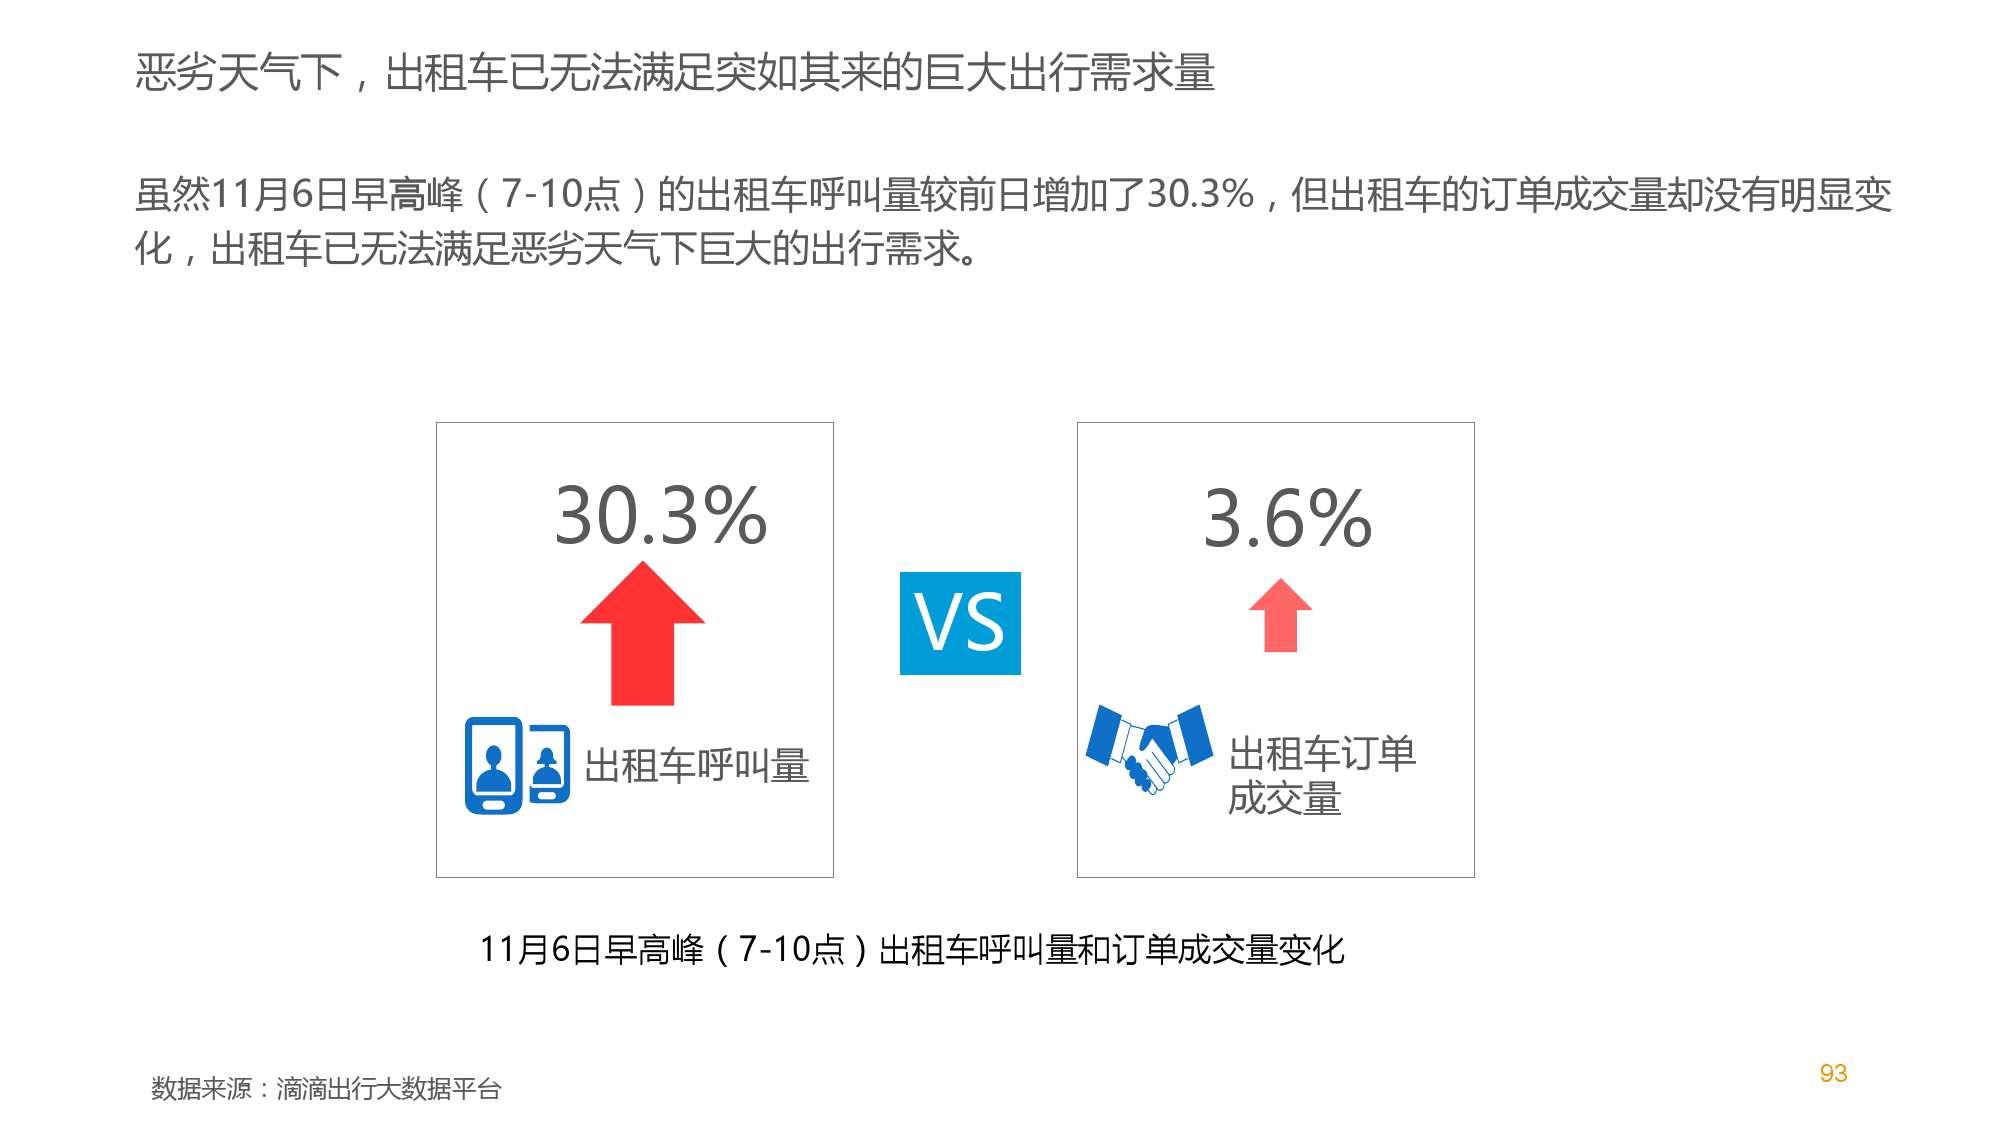 中国智能出行2015大数据报告_000094